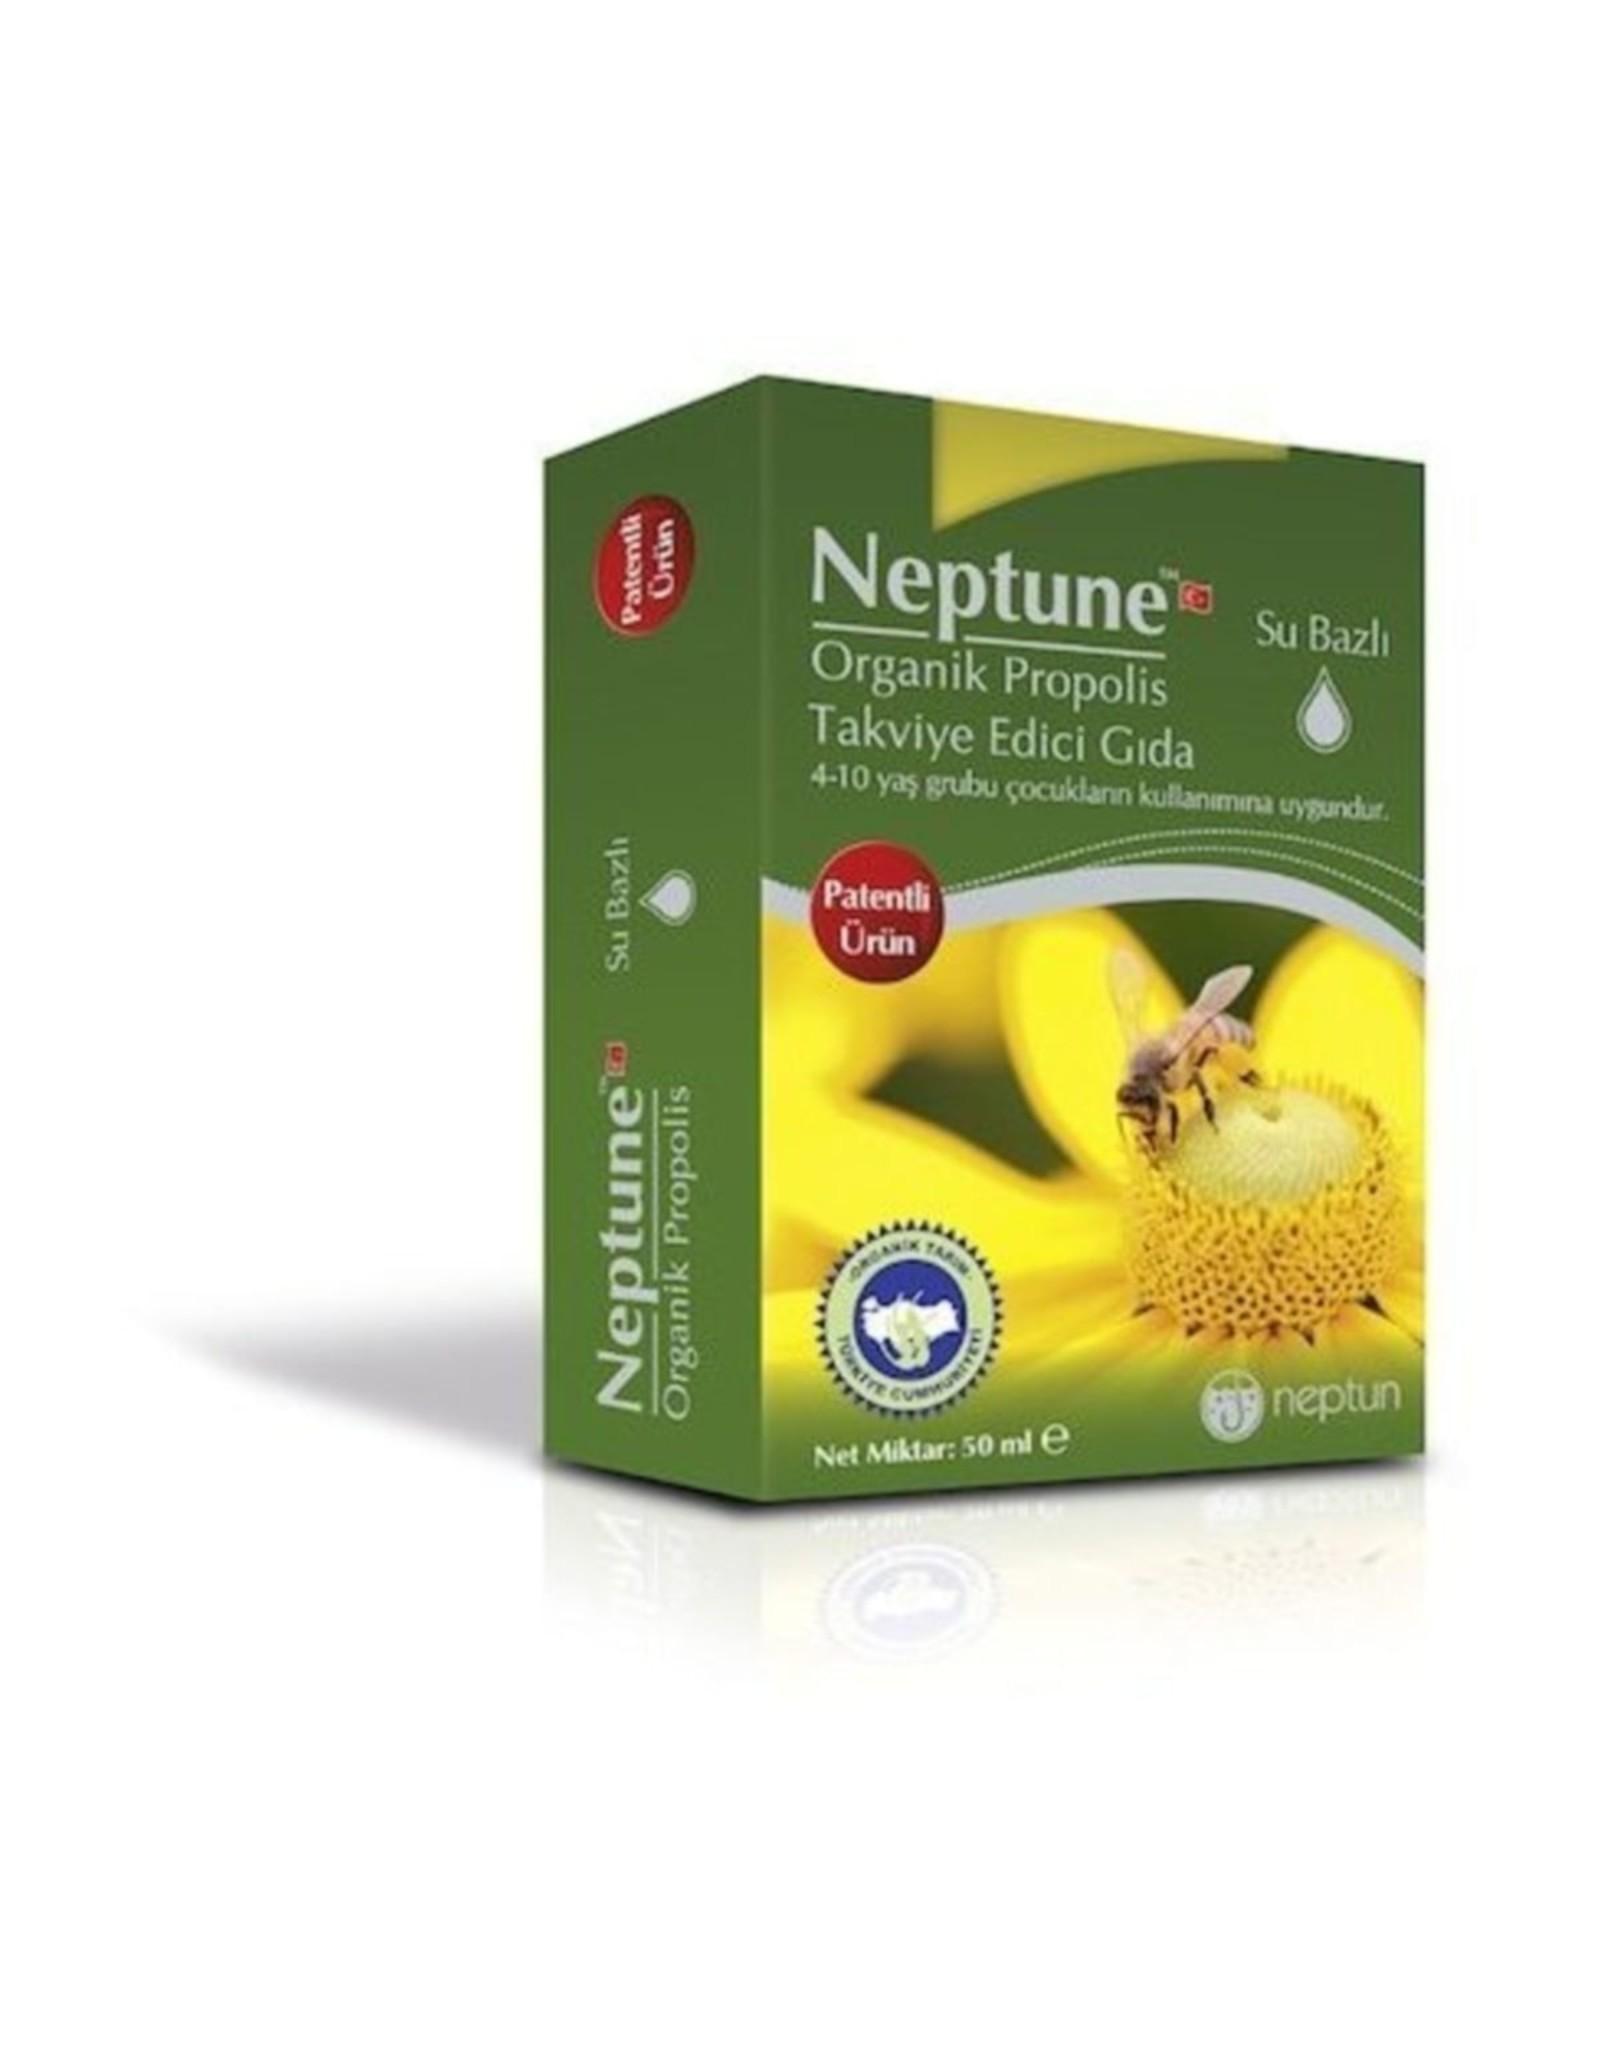 Neptune Neptune Organische Propolis Druppels 50 ml (Alcoholvrij)